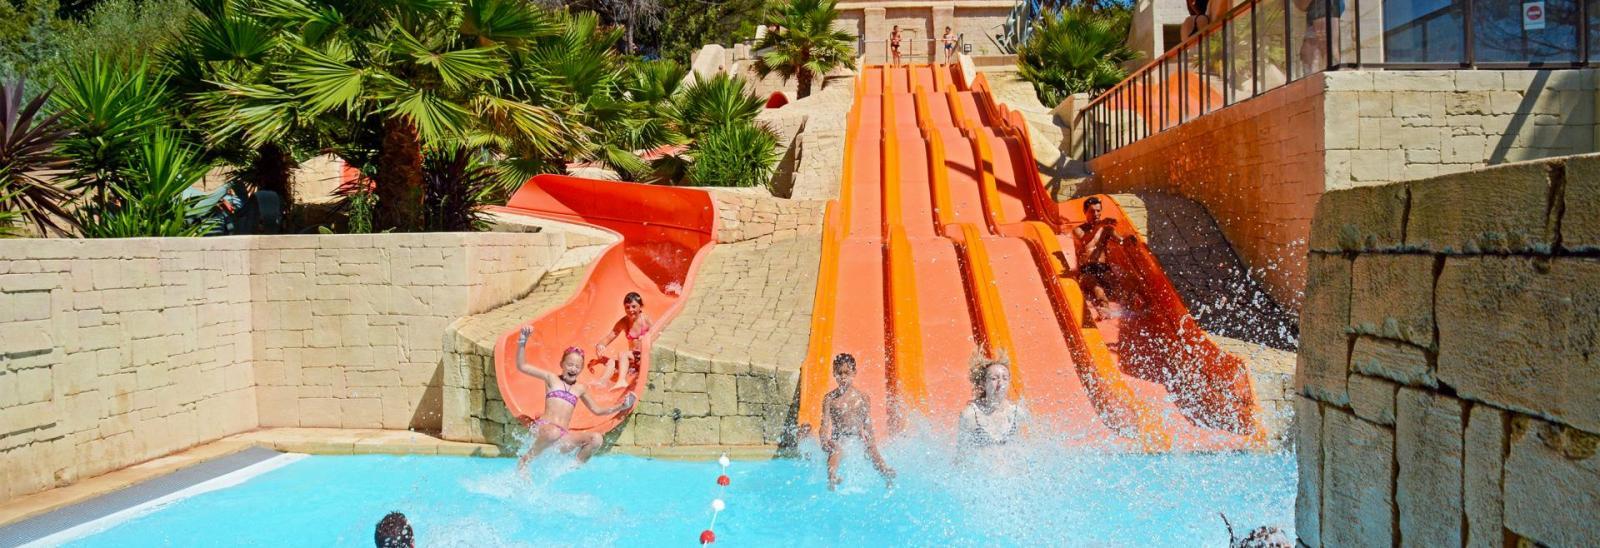 Camping Avec Parc Aquatique Var, Sud De La France : Piscines ... encequiconcerne Camping Var Avec Piscine